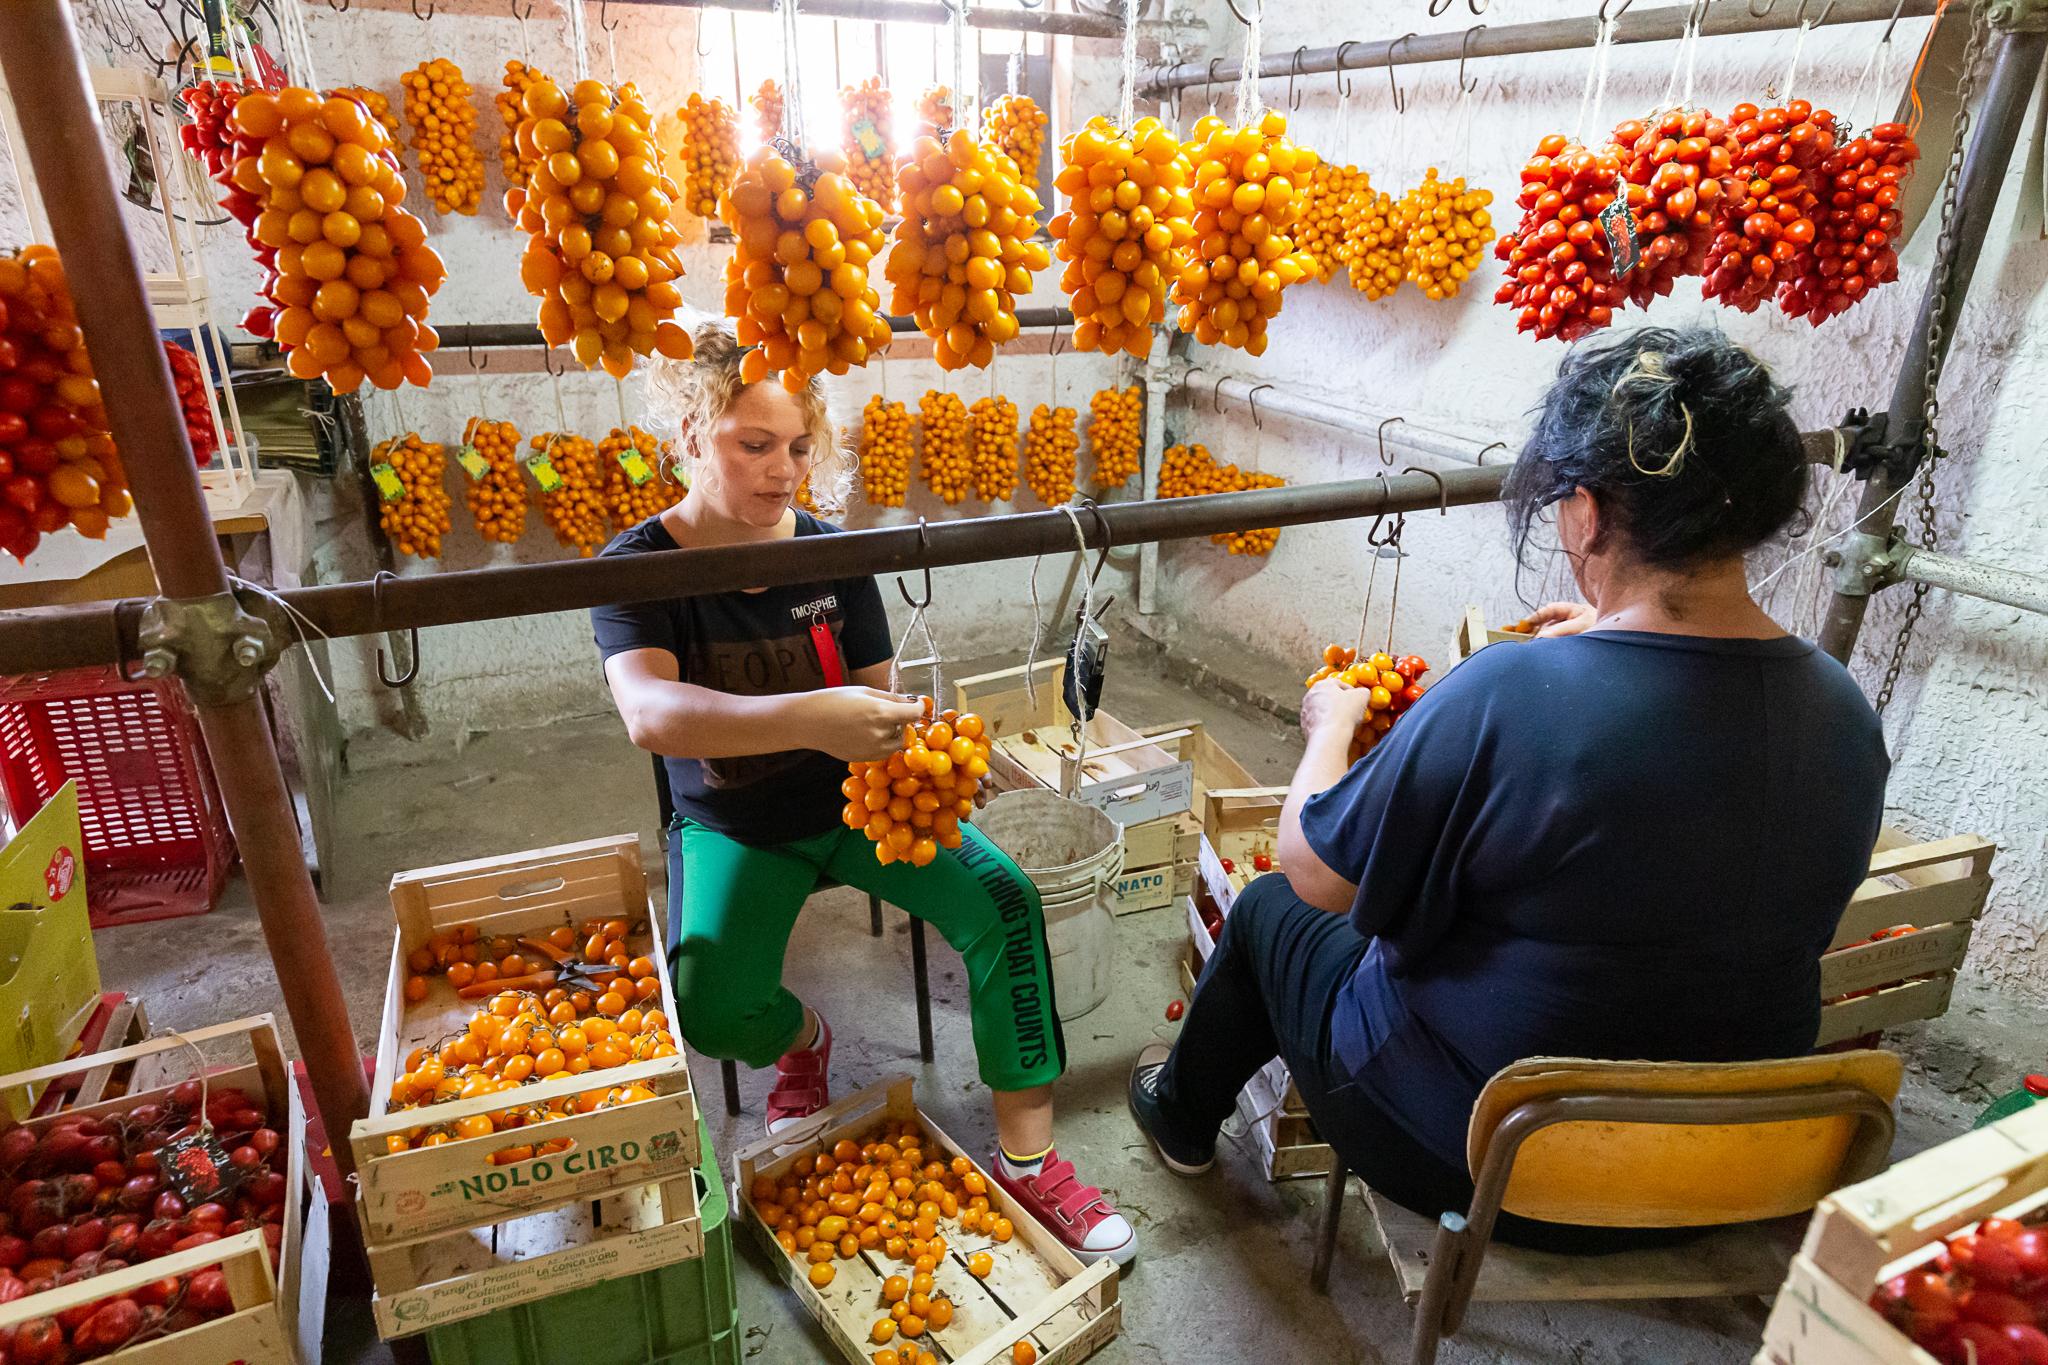 Pomodorino del Piennolo del Vesuvio D.O.P. werden von Antigone und Maria in Handarbeit zu großen Trauben geknüpt.